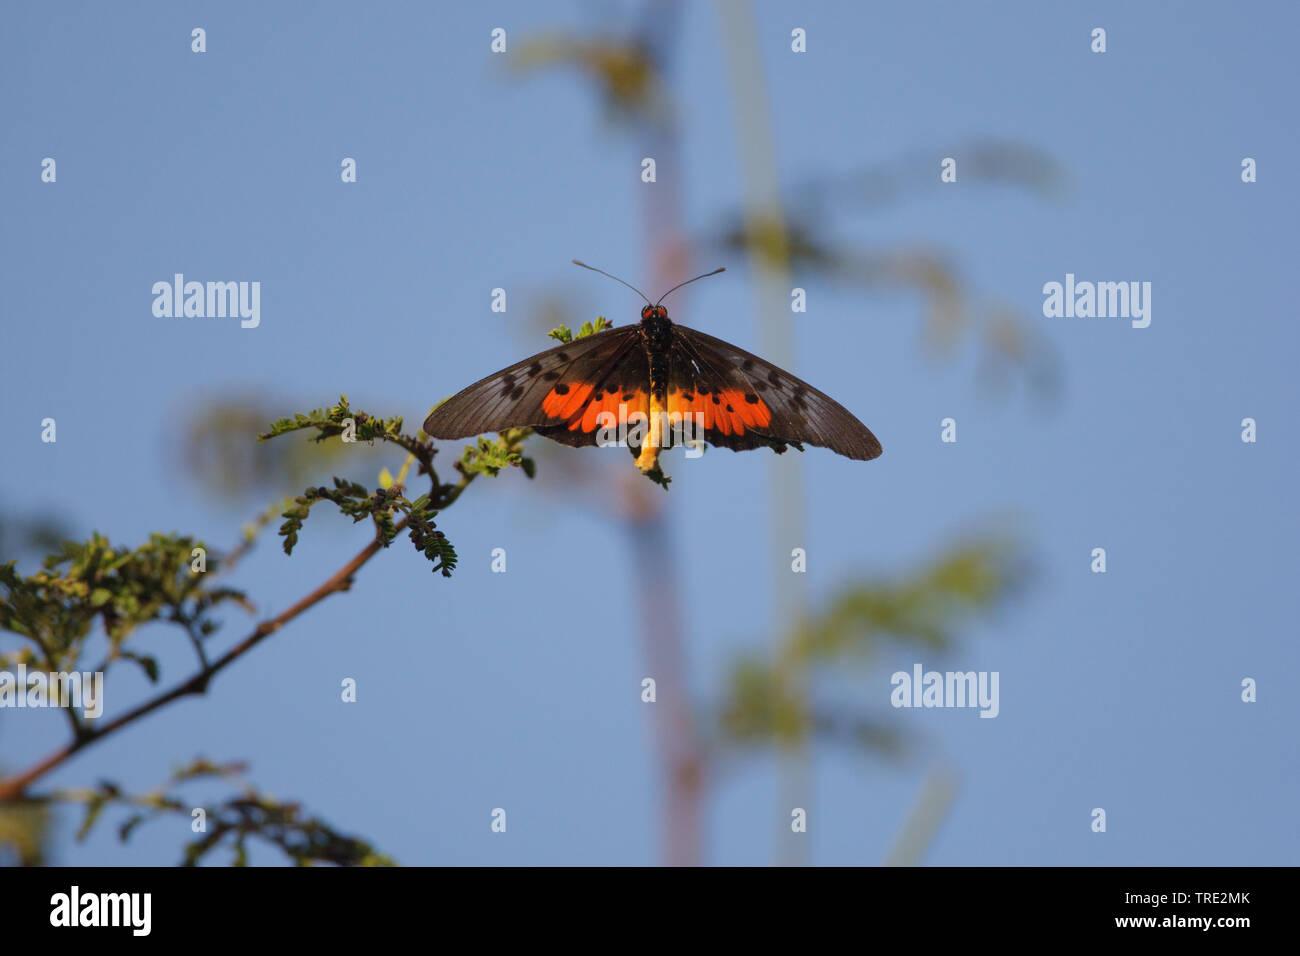 Edelfalter, Acraea egina (Acraea egina egina), Aufsicht, Gambia, Western Division WD | Elegant Acraea (Acraea egina egina), top view, Gambia, Western - Stock Image